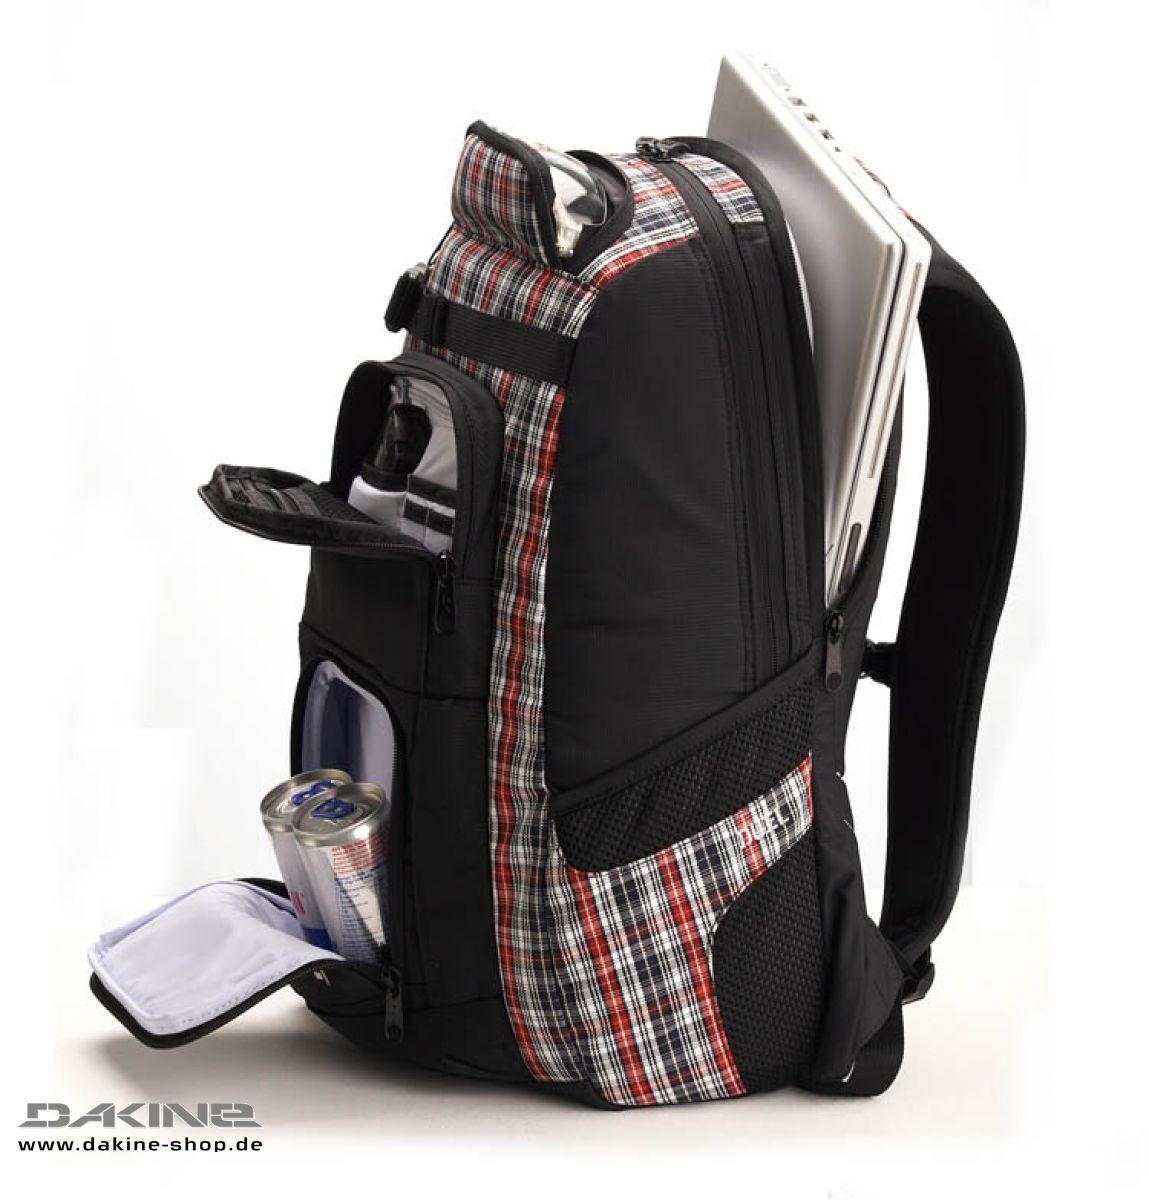 Dakine Duel Laptop Backpack - Backpack Her